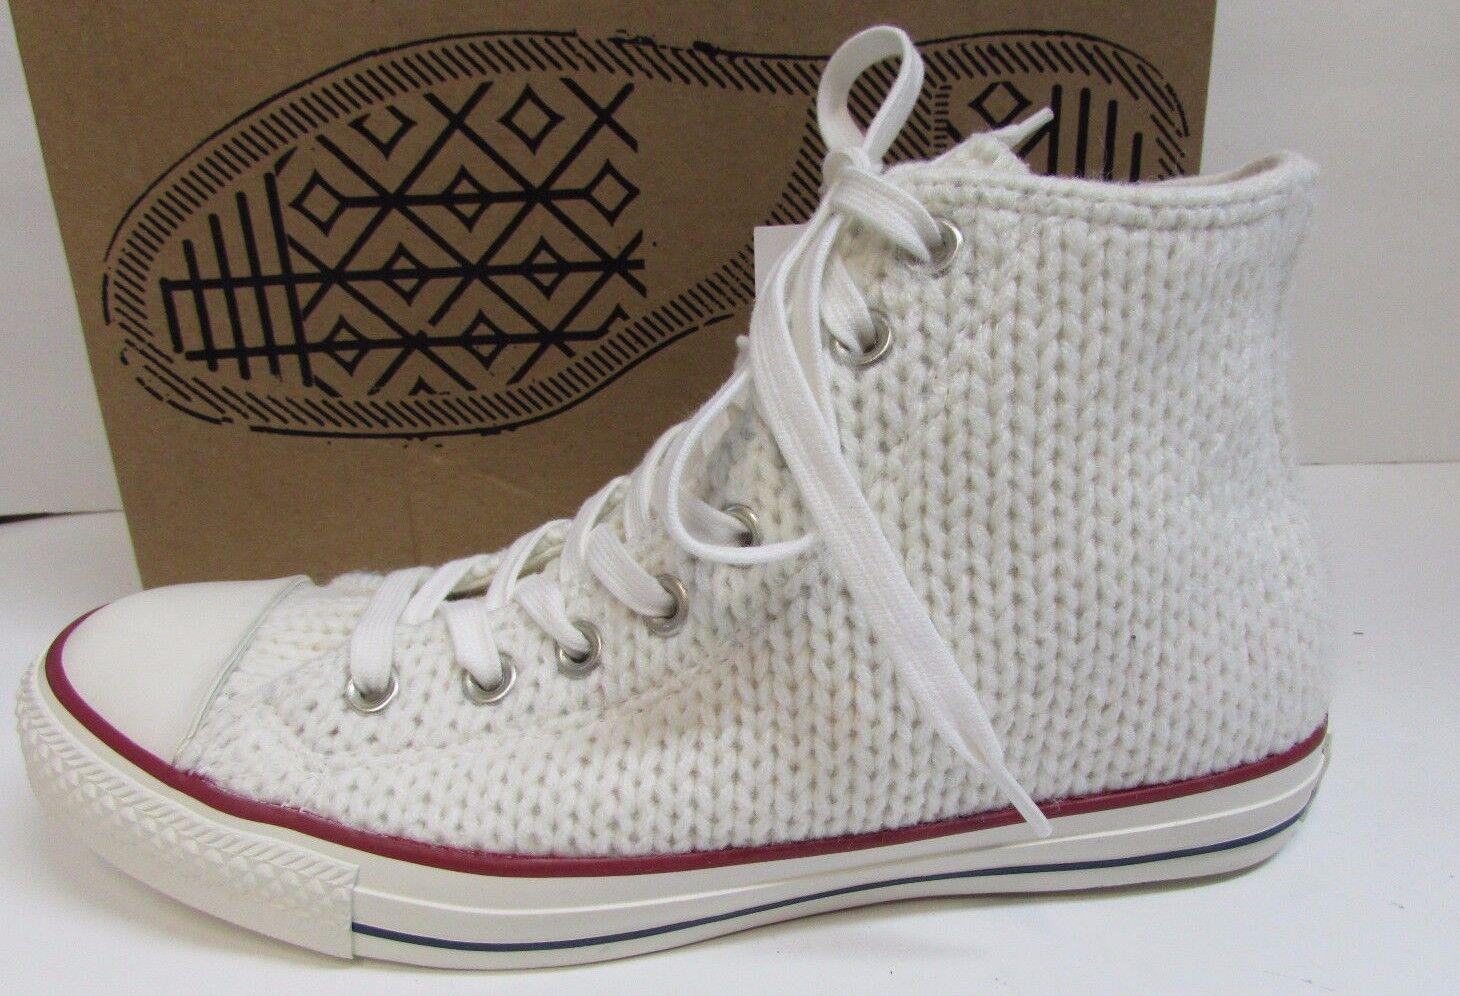 Converse Größe 9 WEISS Knit Hi Top Sneakers NEU Damenschuhe Schuhes